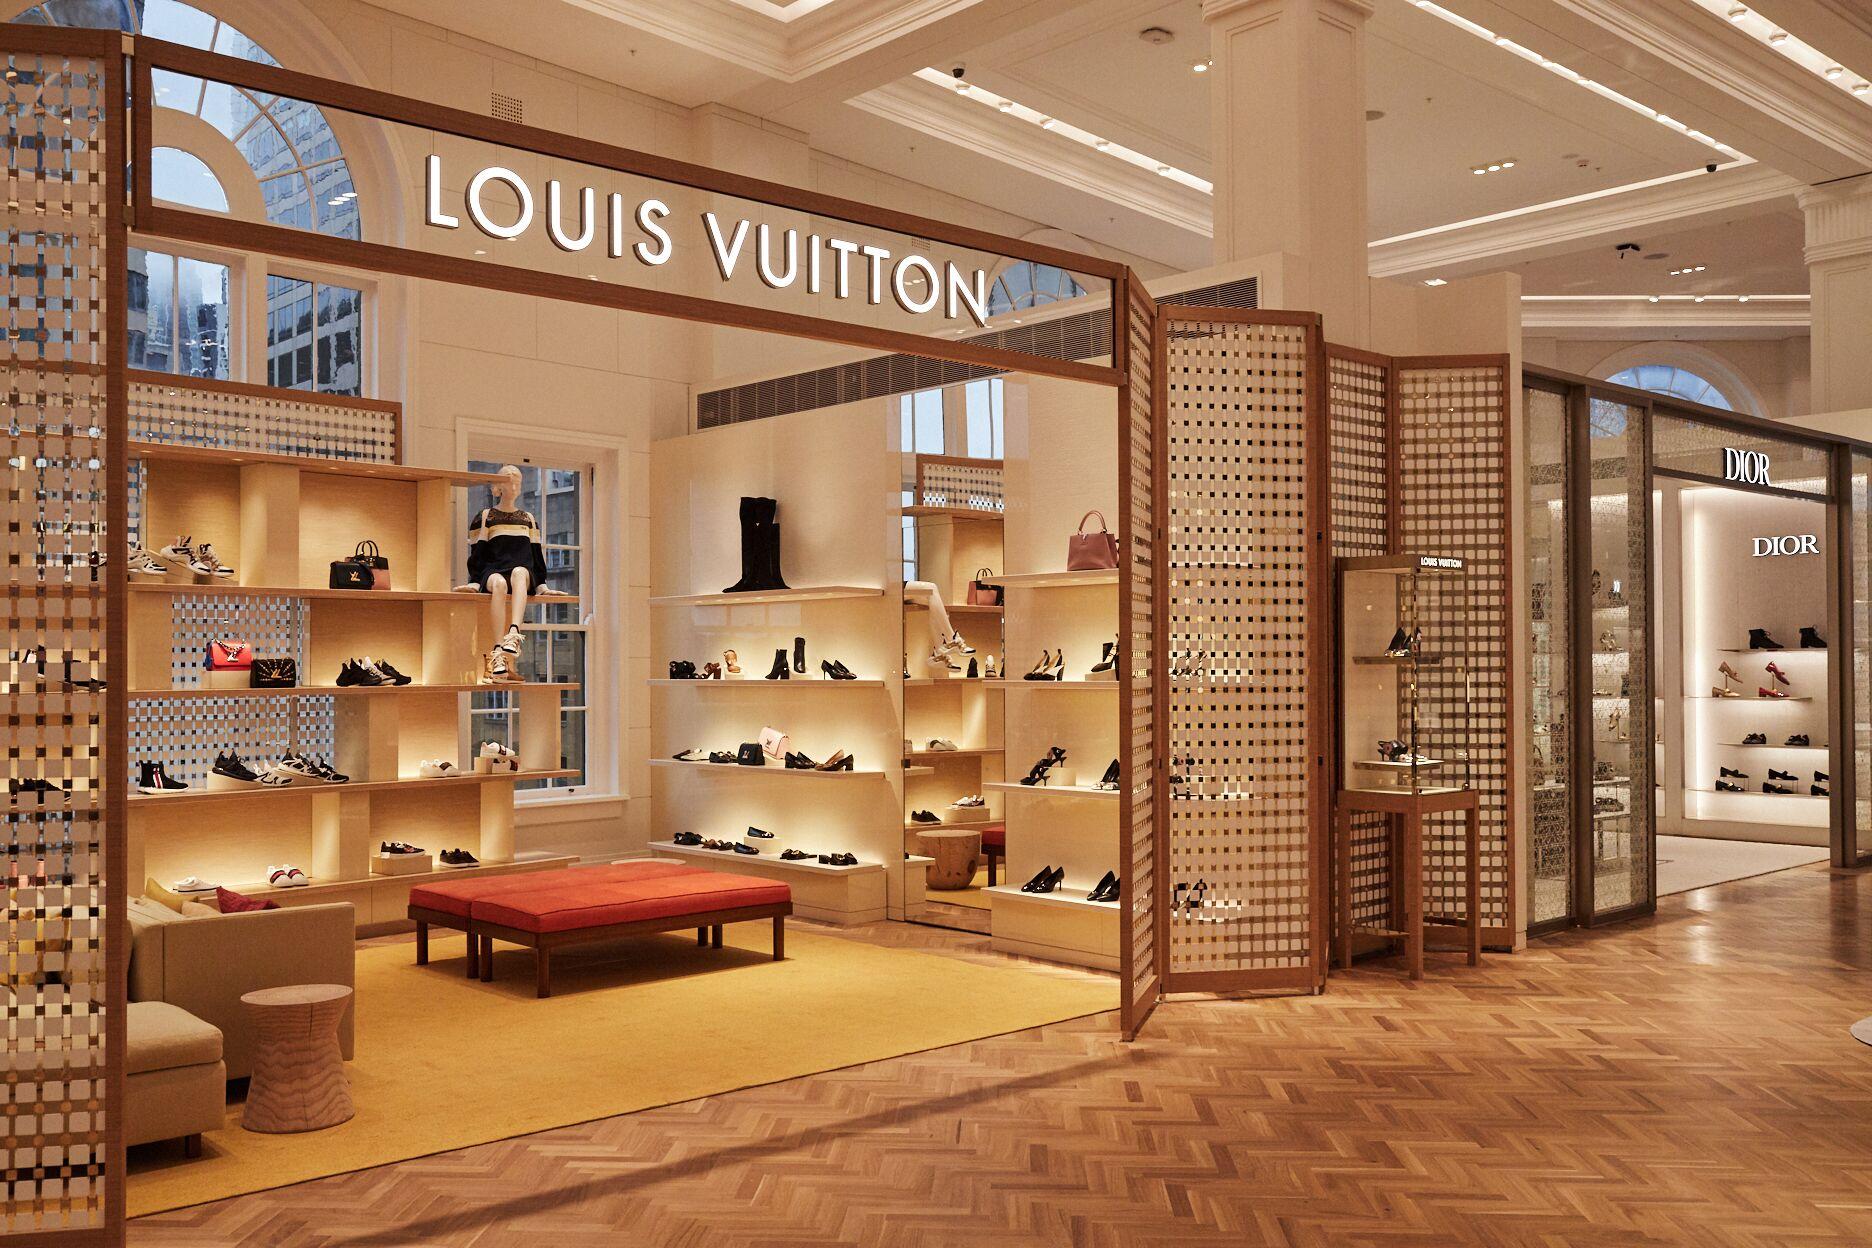 Louis Vuitton new boutique at David Jones, Sydney